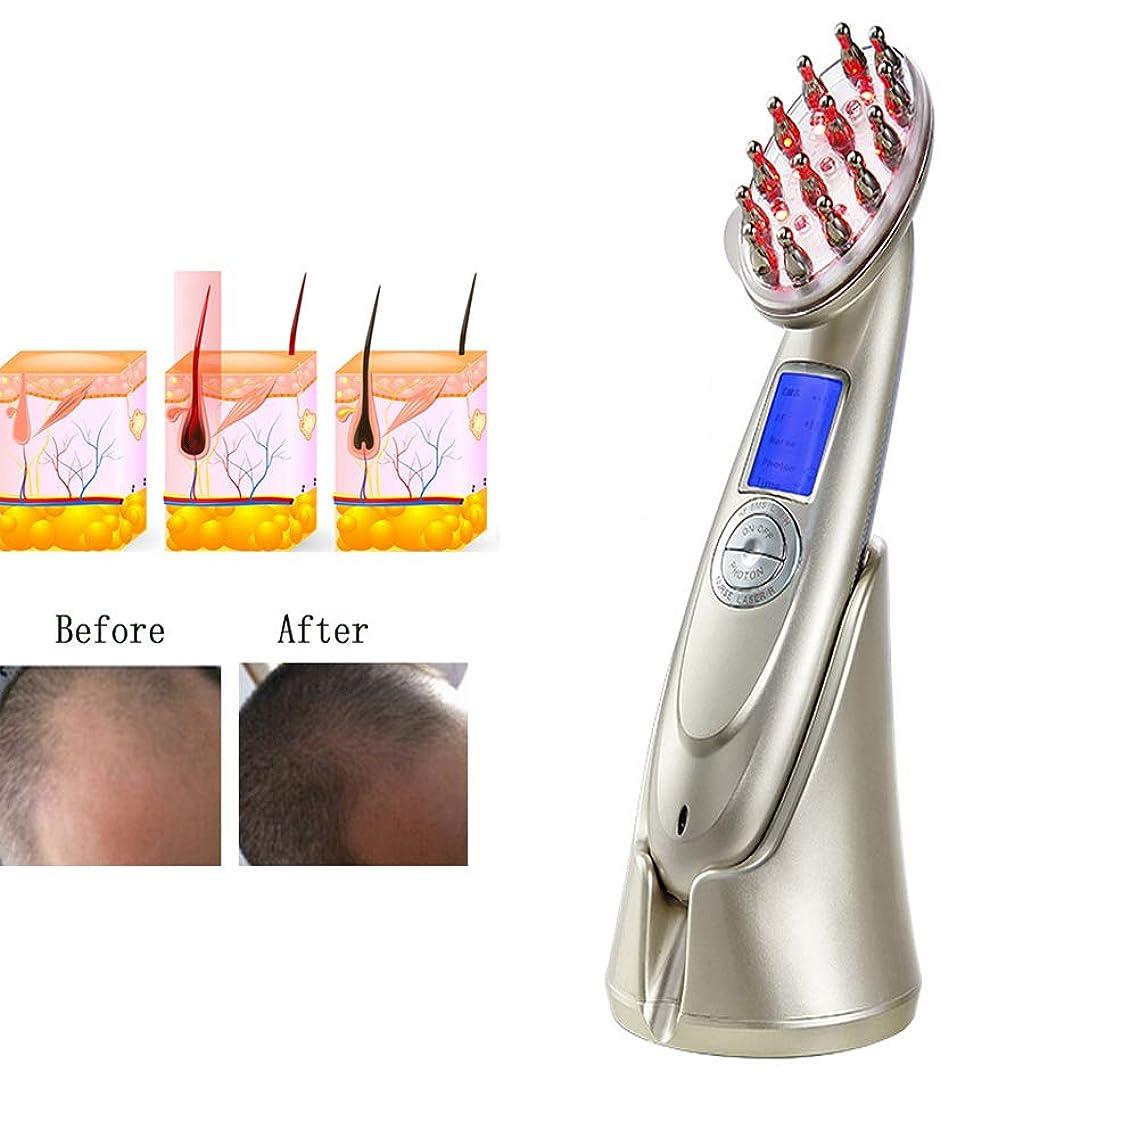 時々時々後賞賛プロの電気髪の成長レーザー櫛 RF EMS LED 光子光療法ブラシ抗脱毛治療マッサージの健康胚ブラシをアップグレードします。